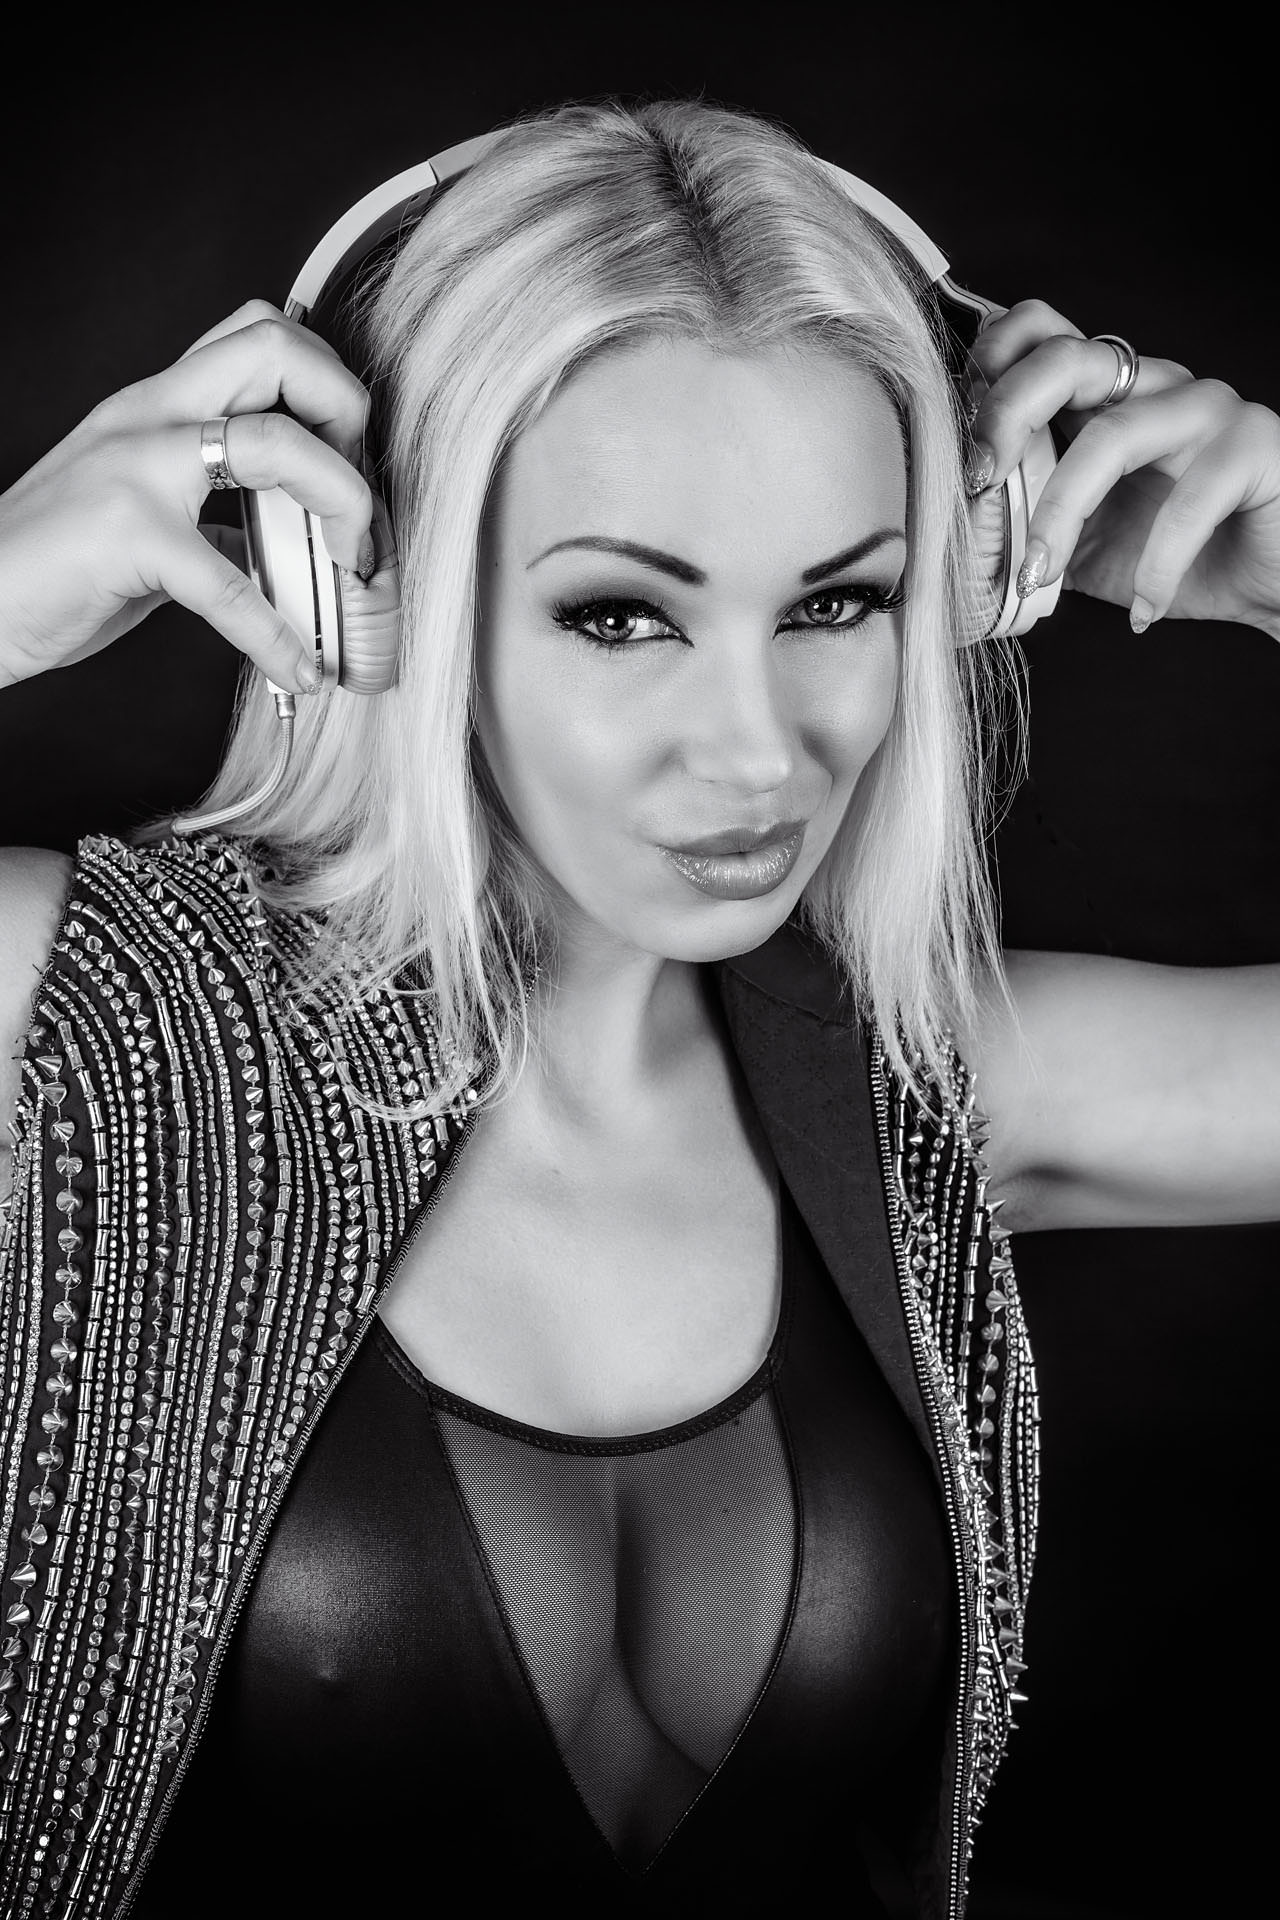 2013-10-17 - Bronk'x DJ - Studio Jouy - 2877 - 1920px